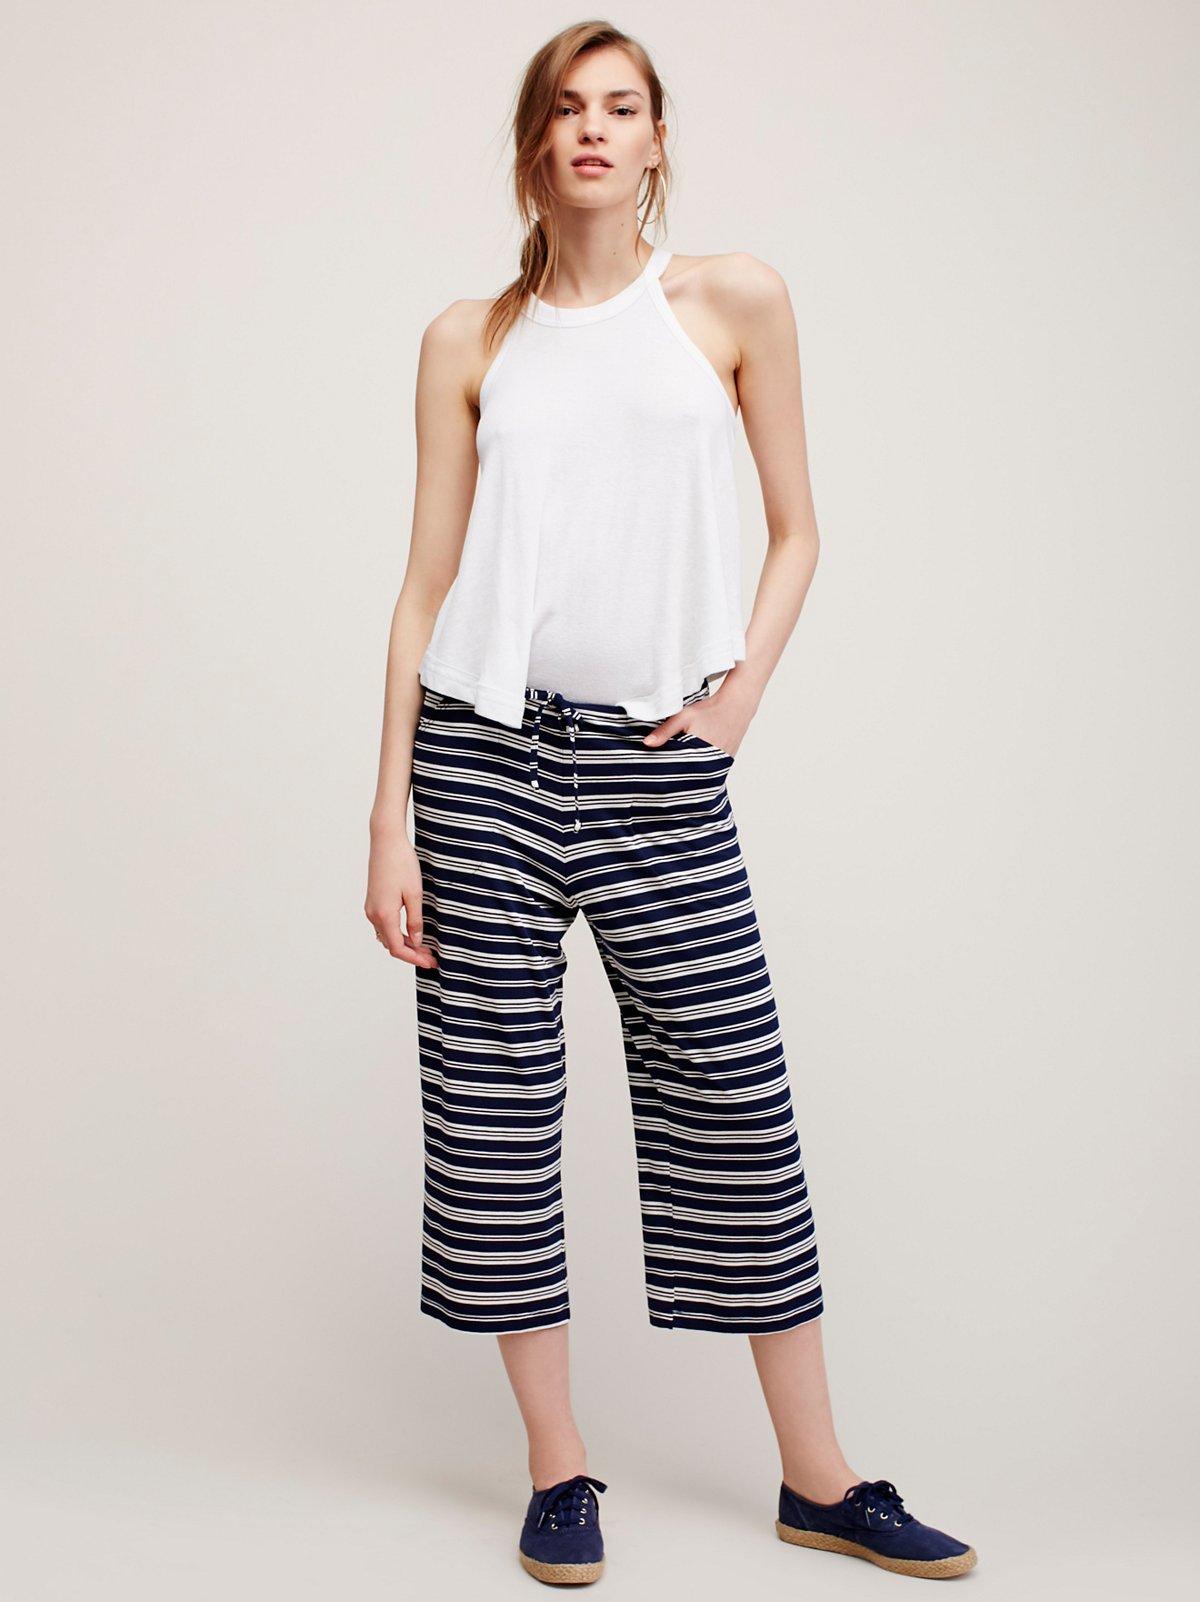 条纹休闲裤。